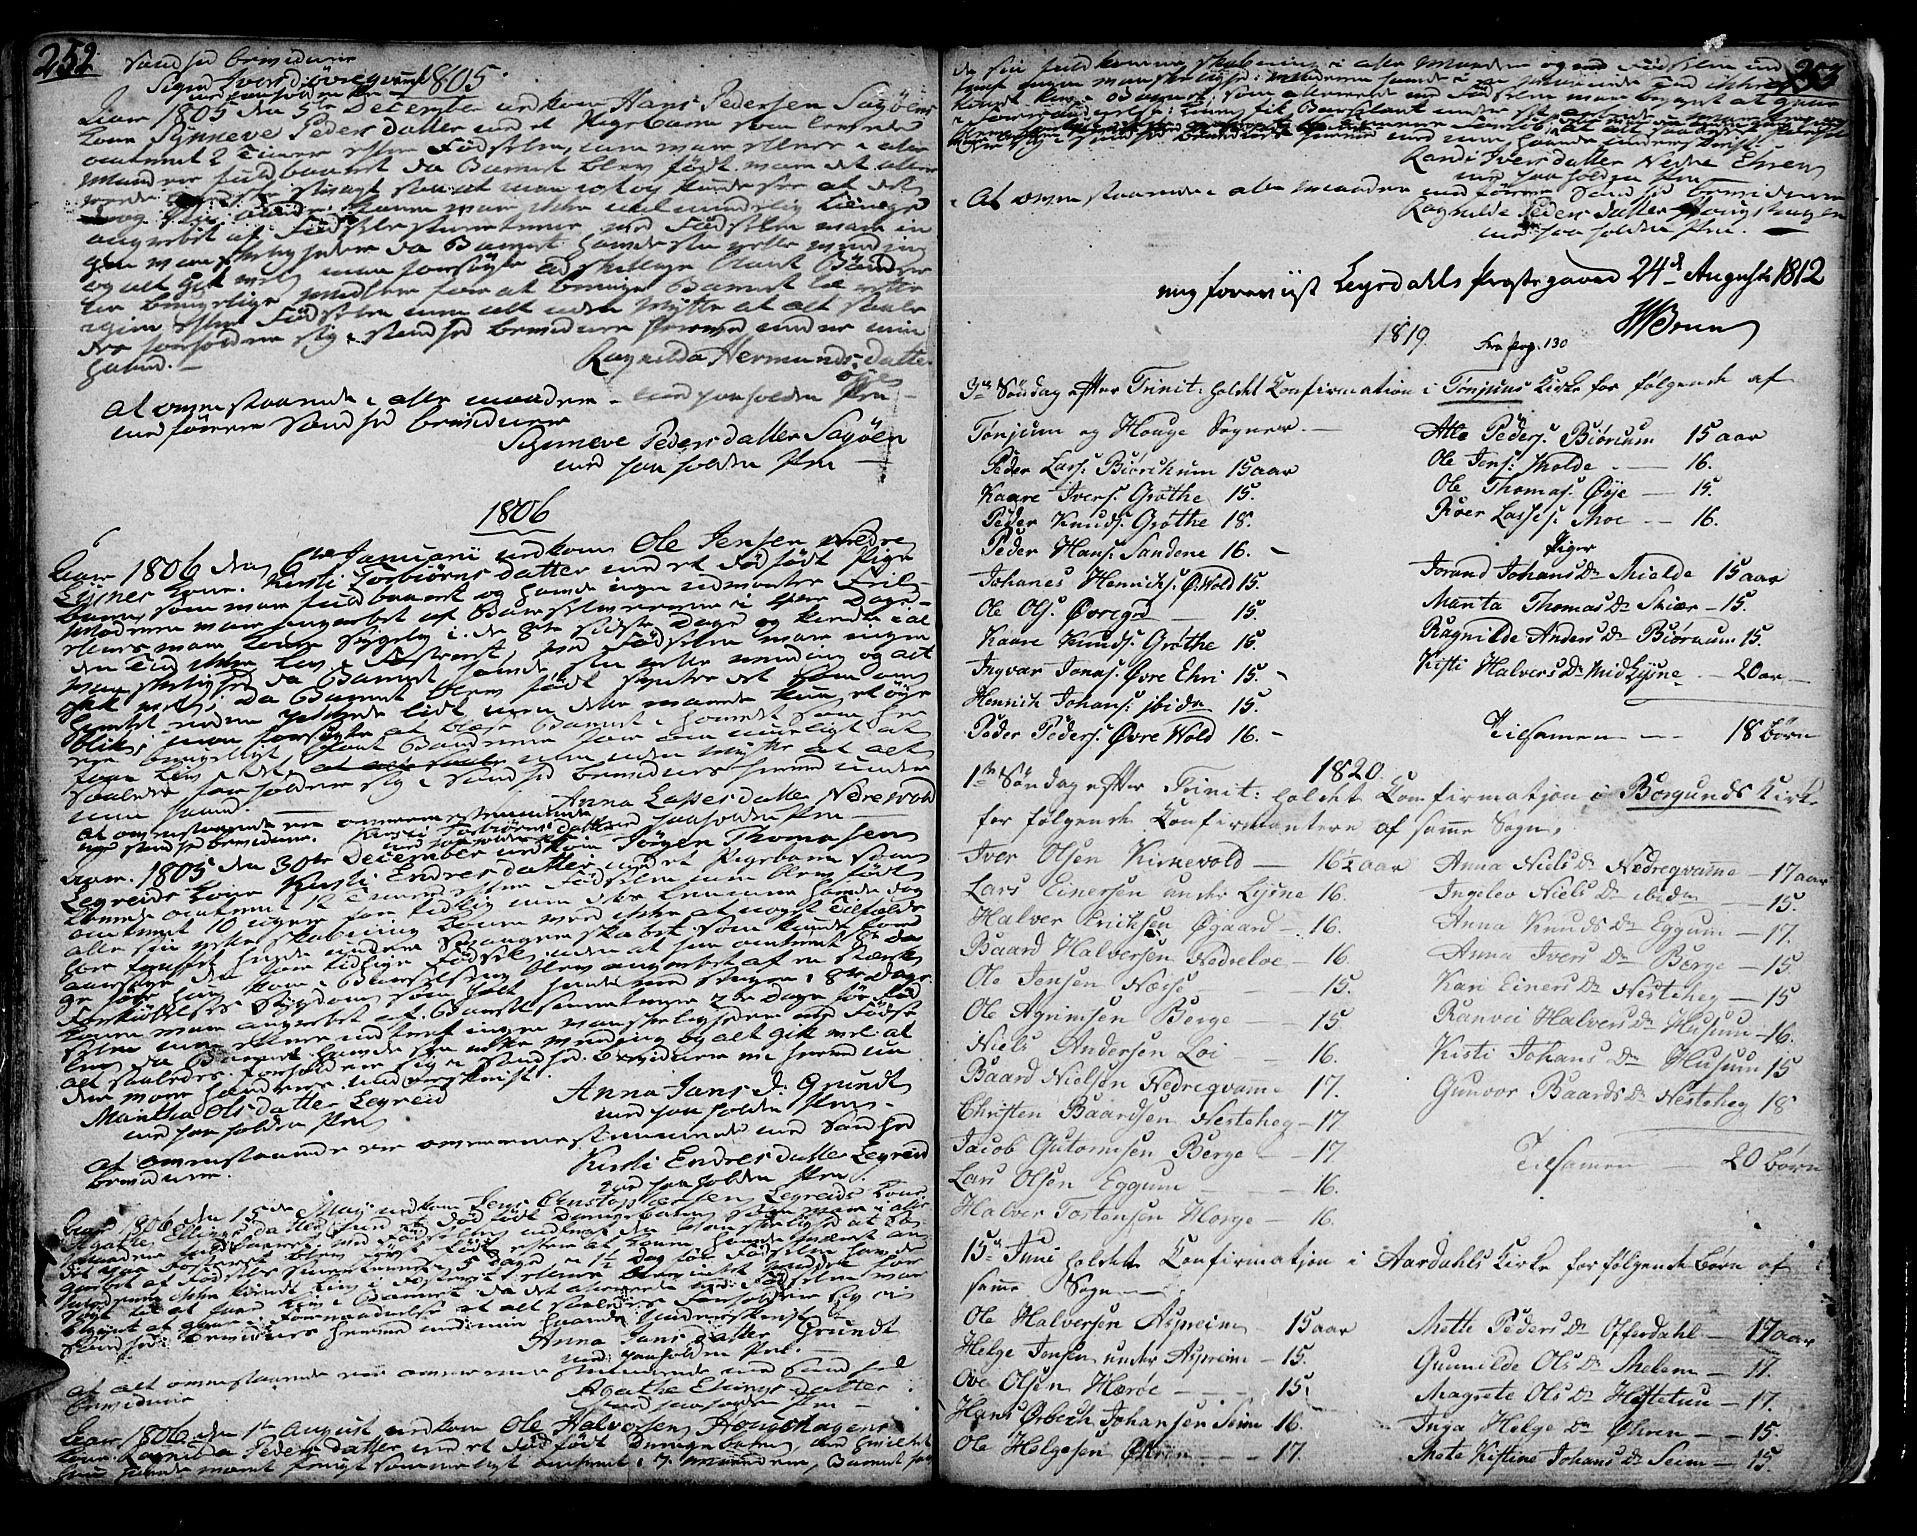 SAB, Lærdal sokneprestembete, Ministerialbok nr. A 4, 1805-1821, s. 252-253